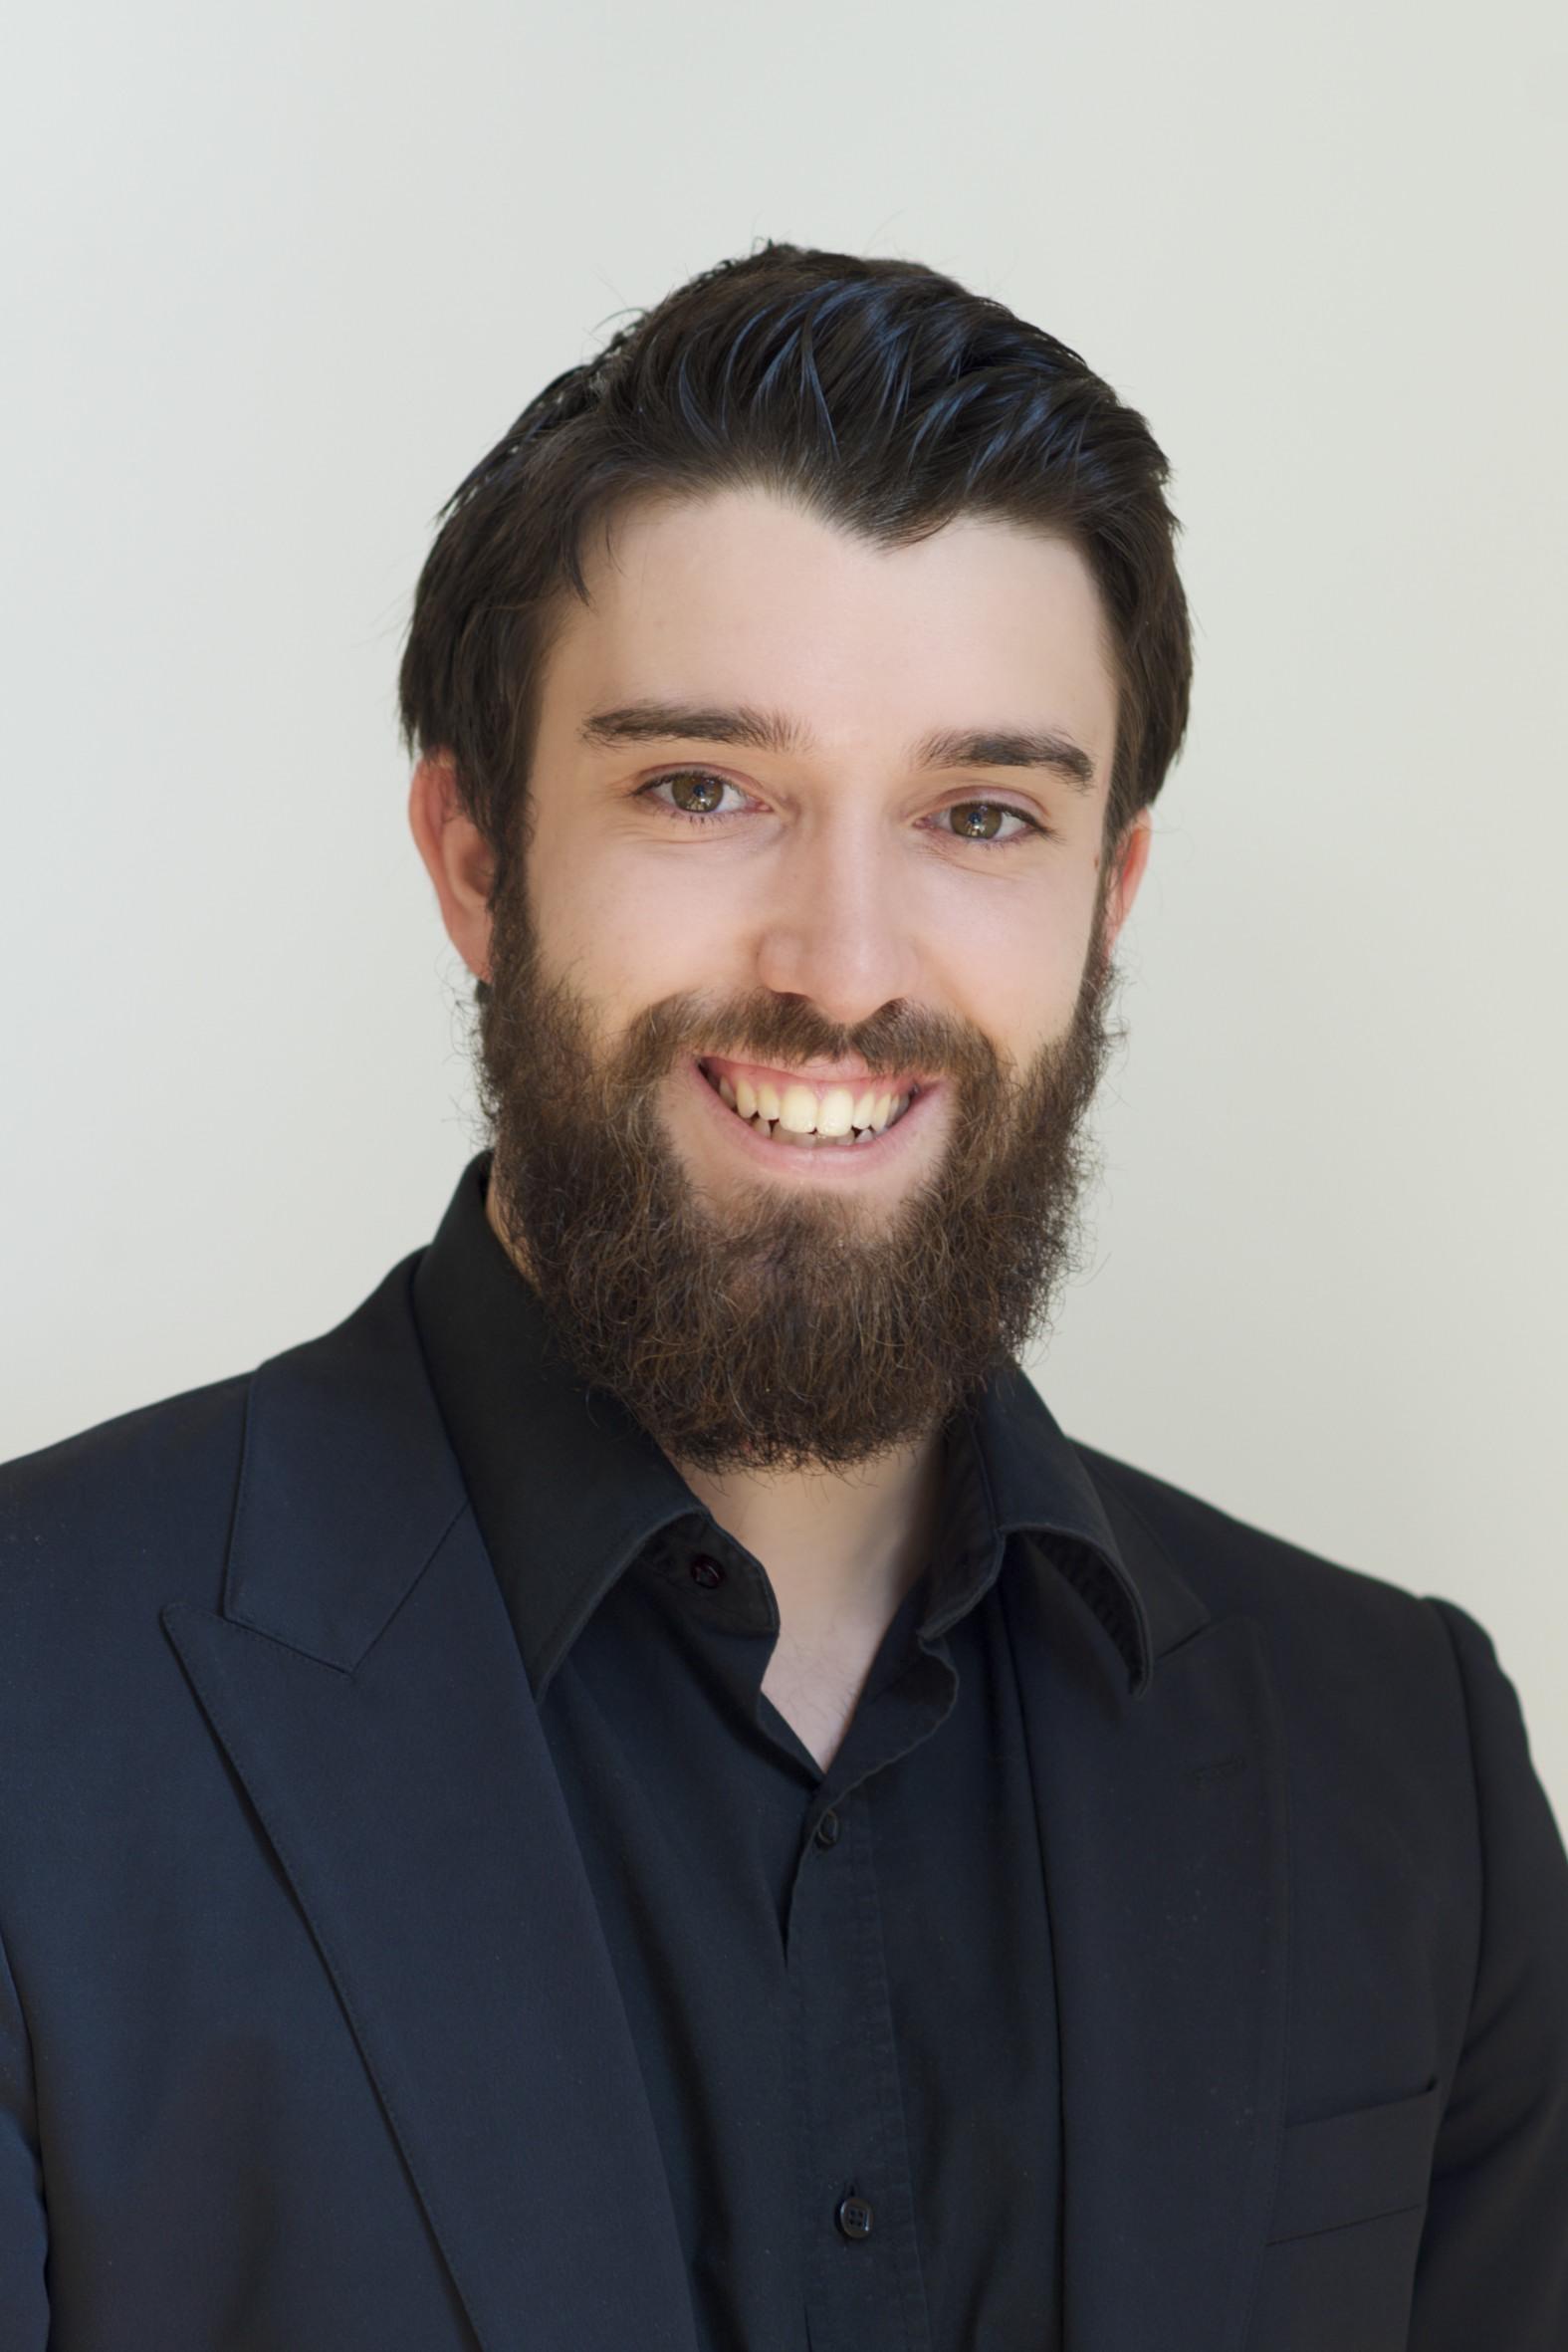 Jeremy Easterbrook est le fondateur d'Index Web Marketing, une agence de marketing Web spécialisée dans les campagnes numériques. www.indexwebmarketing.com. Retrouvez Jeremy sur LinkedIn, Twitter et Google+